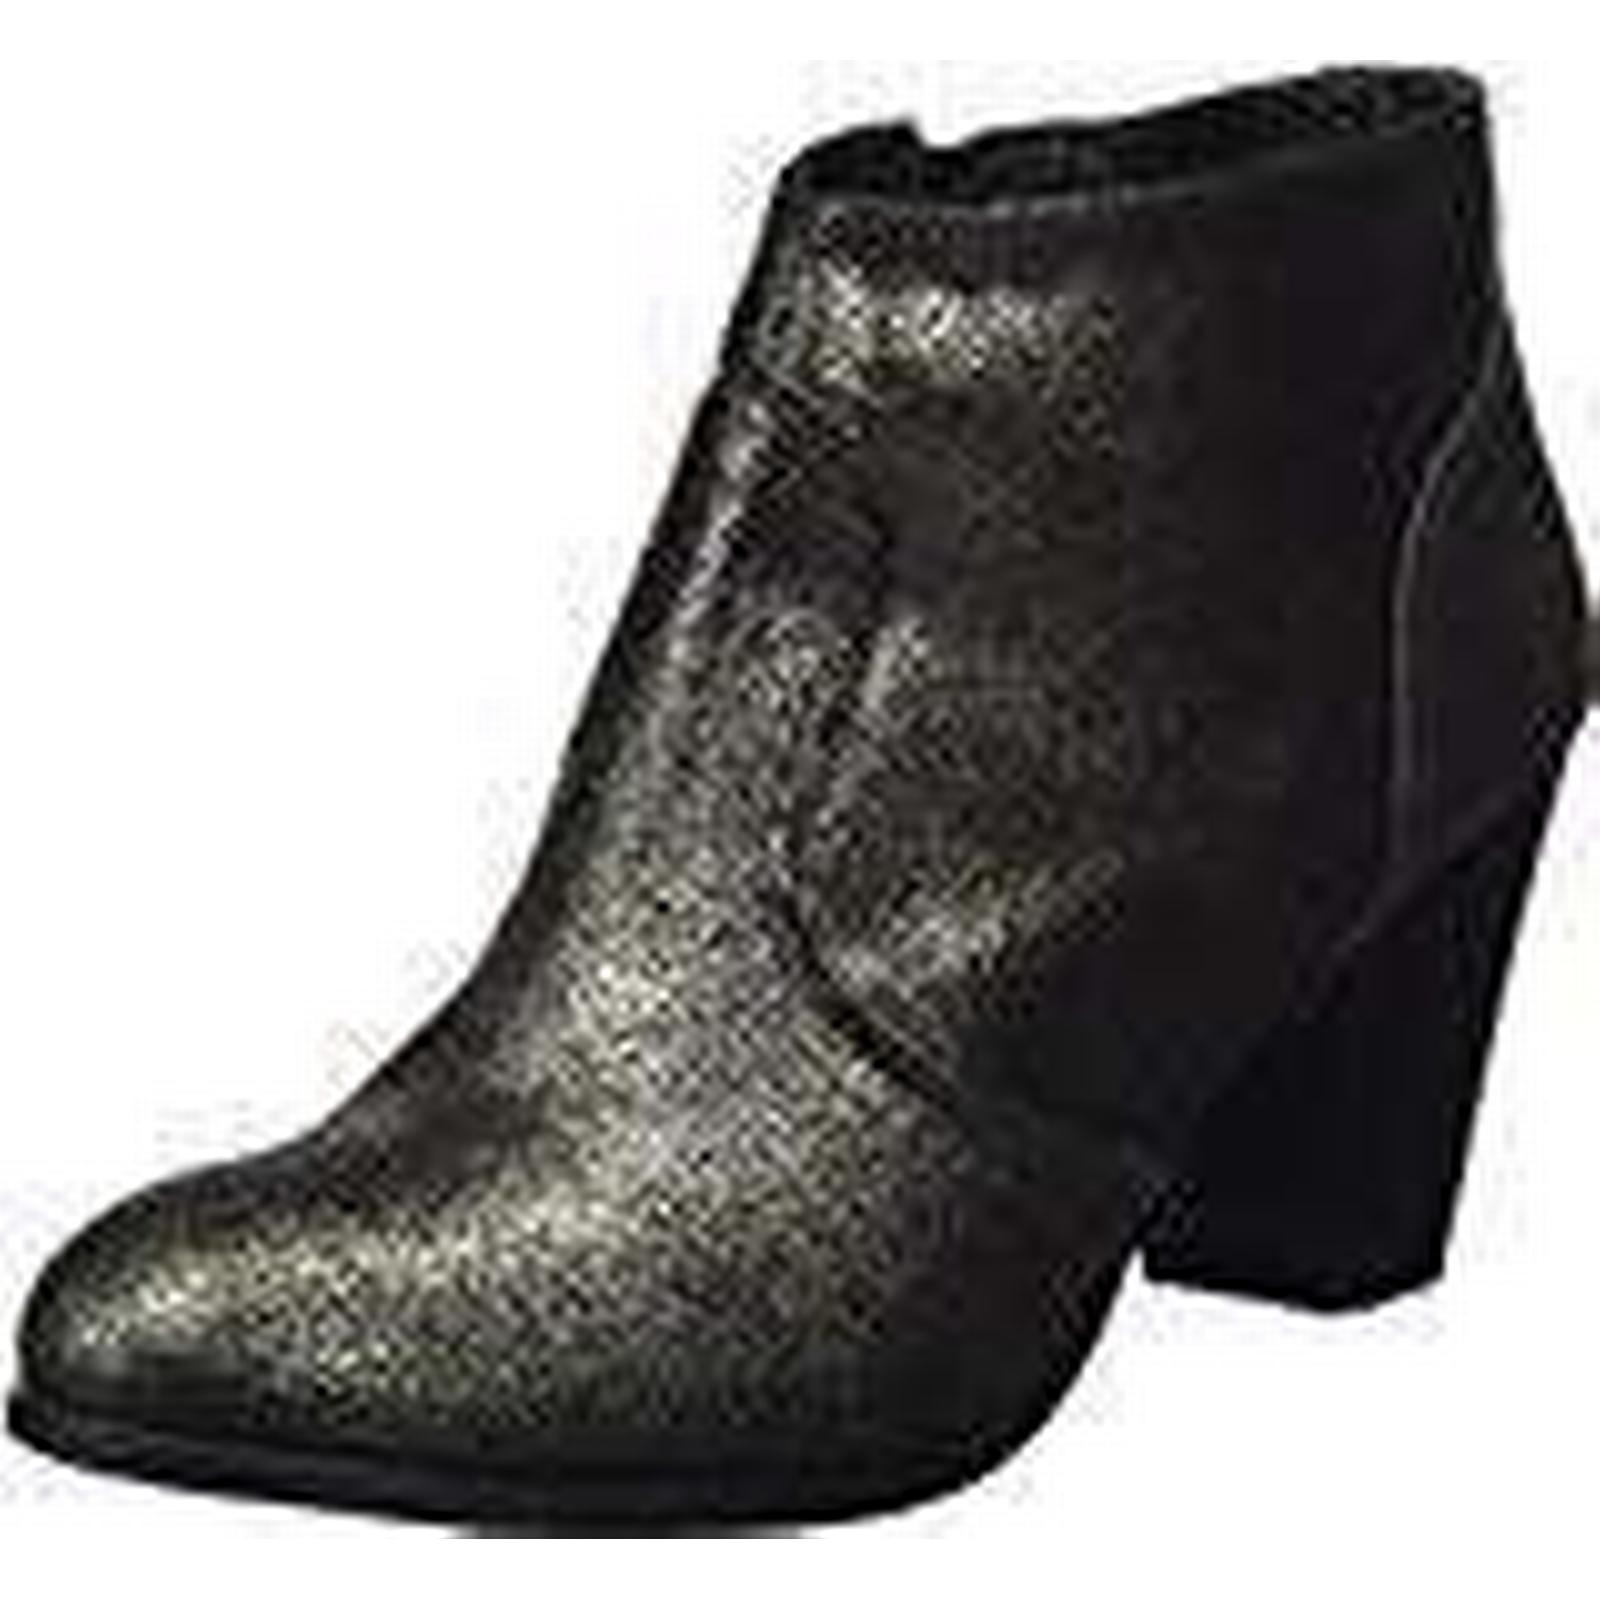 Gioseppo Size: Women's PENSILVANIA Boots Gold Size: Gioseppo 3.5 11063d